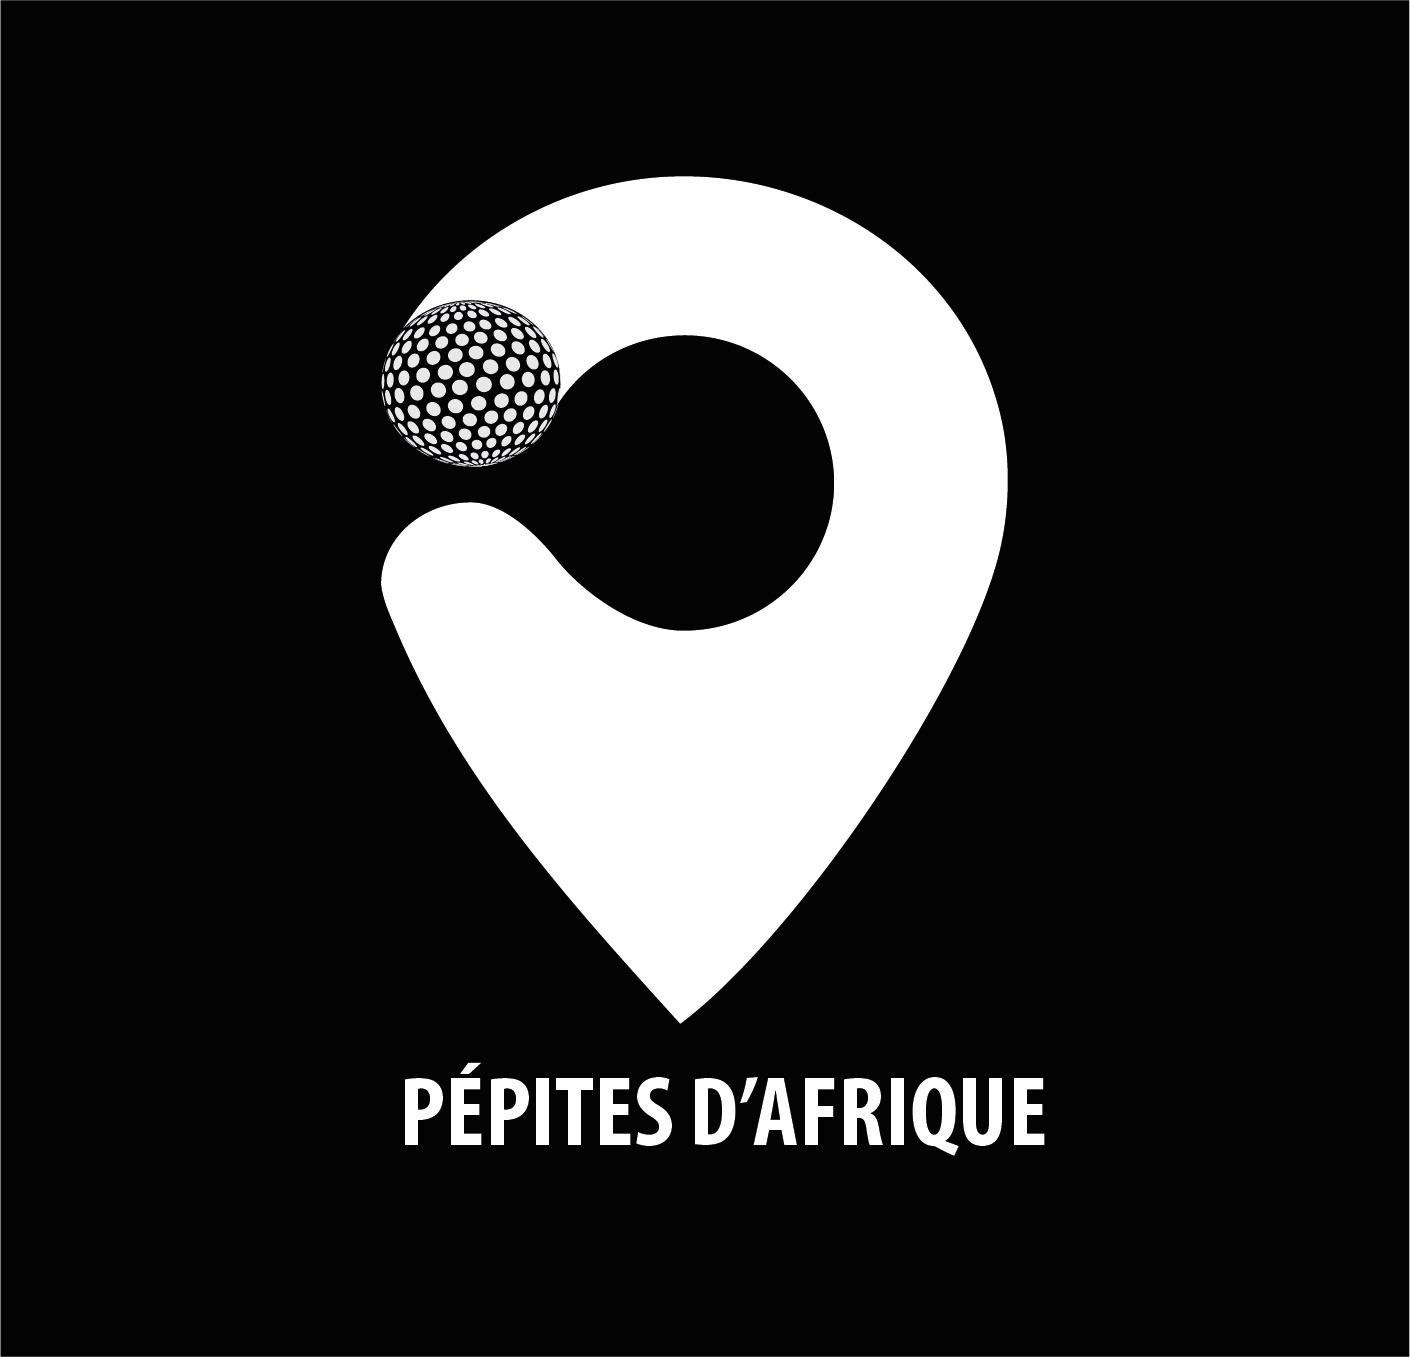 agence-ks-pepite-afrique